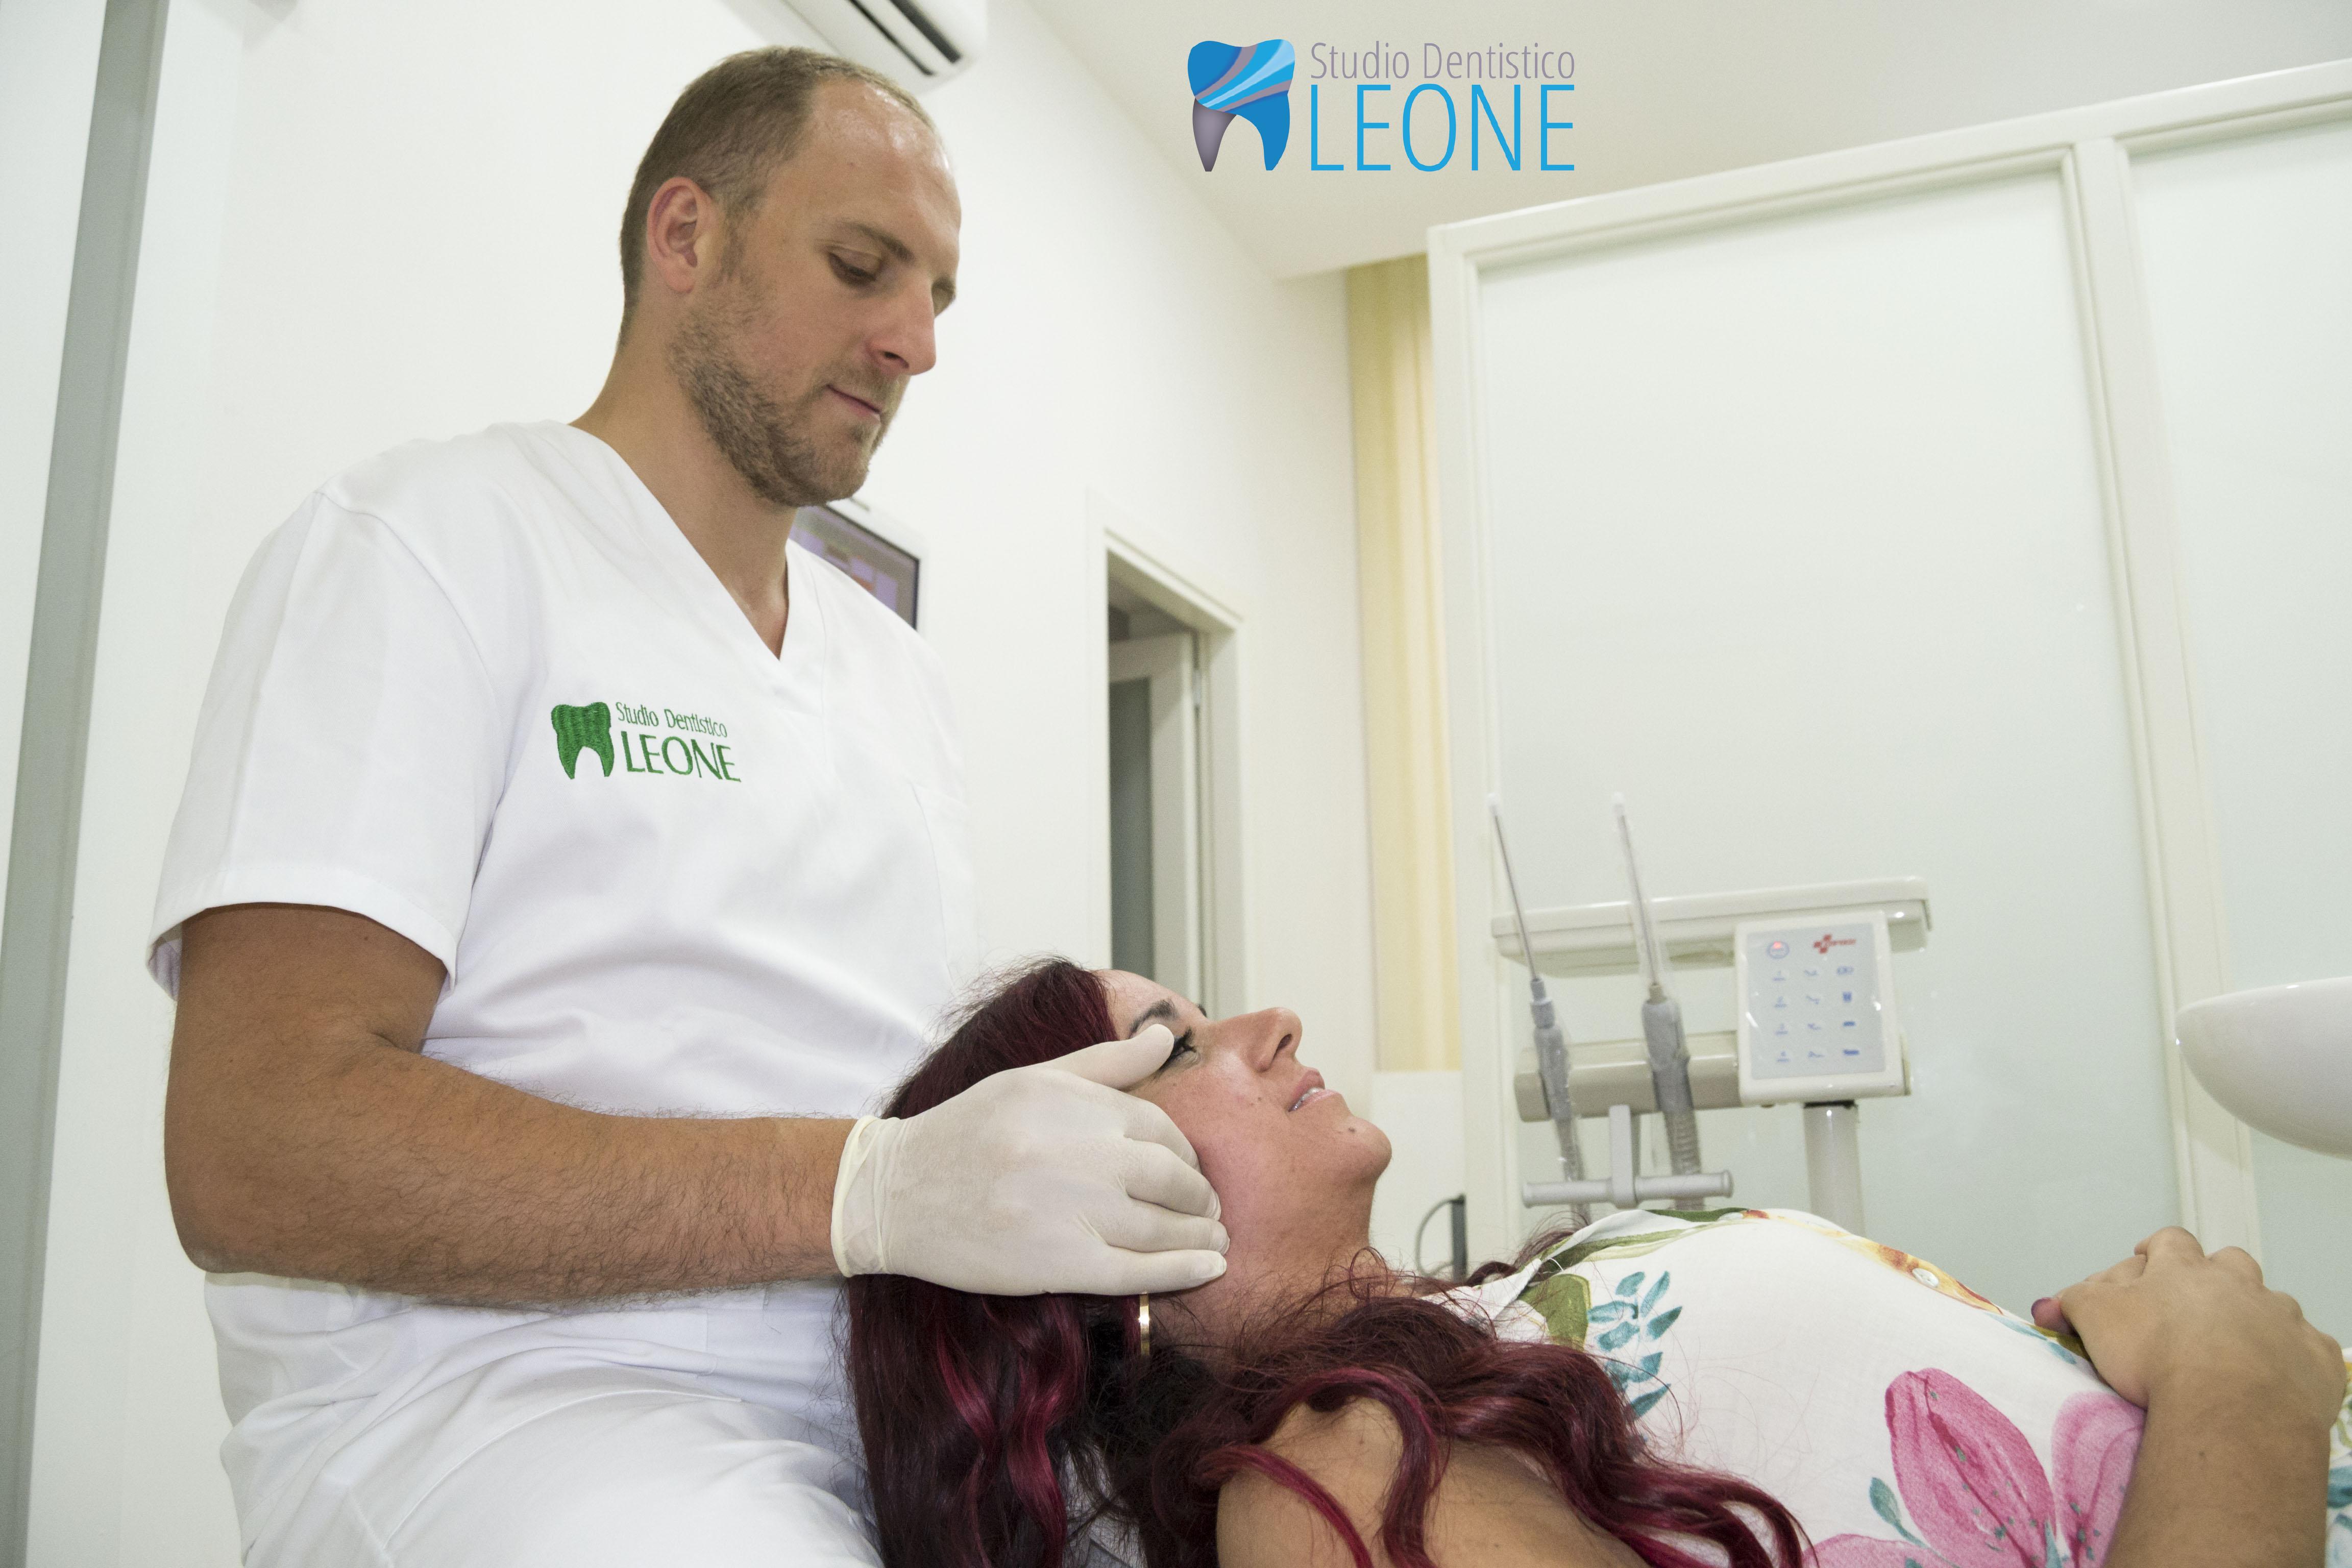 Perchè affidarsi ad uno specialista in Ortognatodonzia?